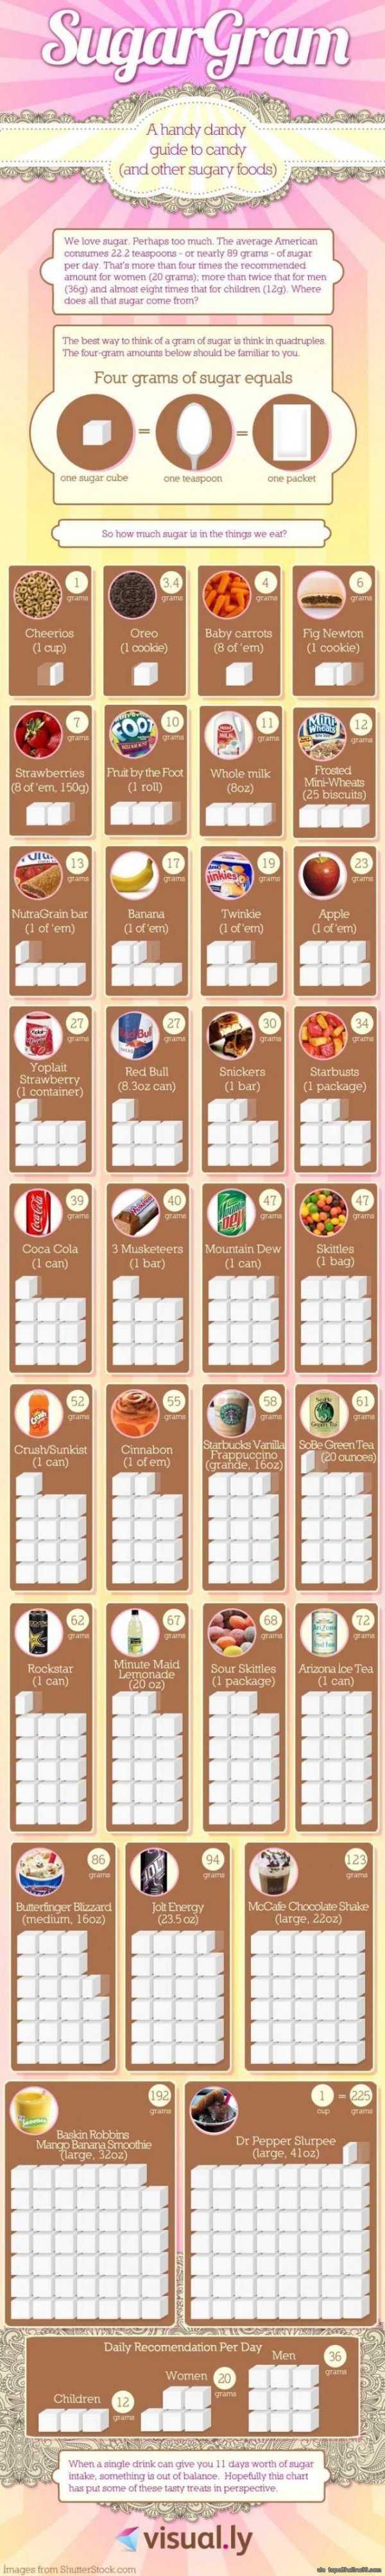 Sugar Calories